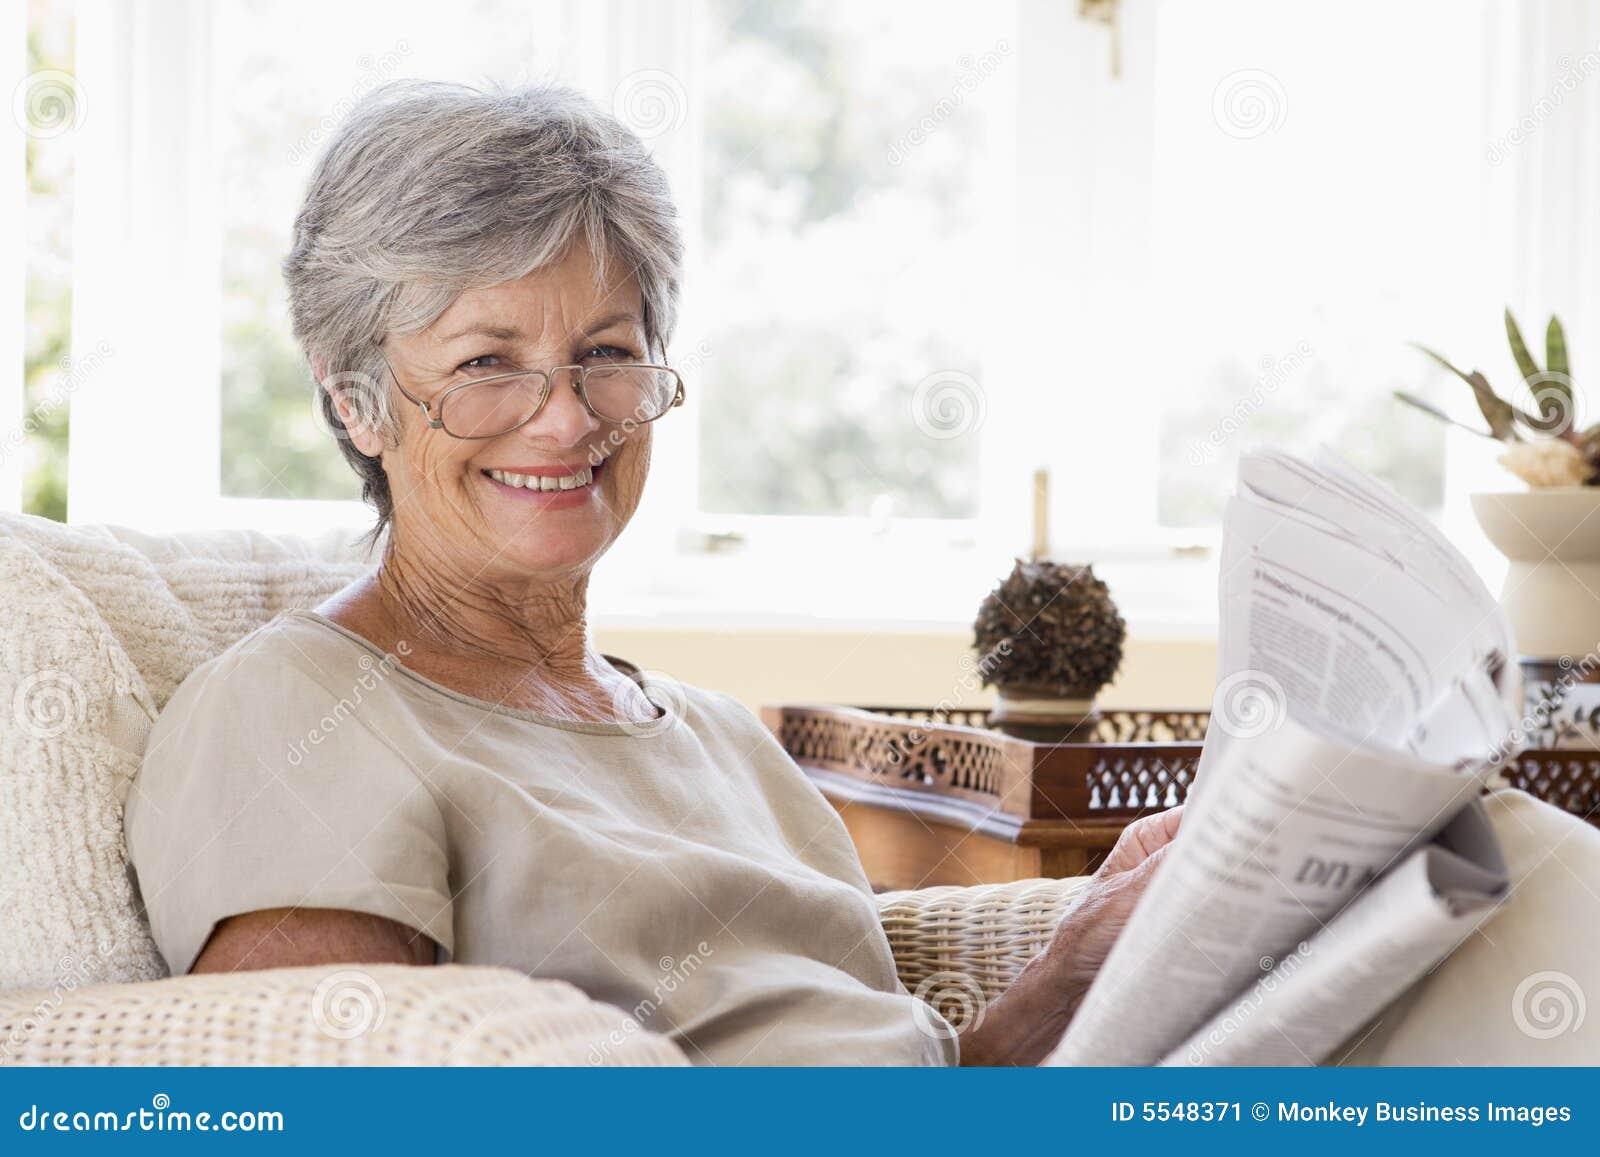 Фотосессия пожилых женщин 23 фотография